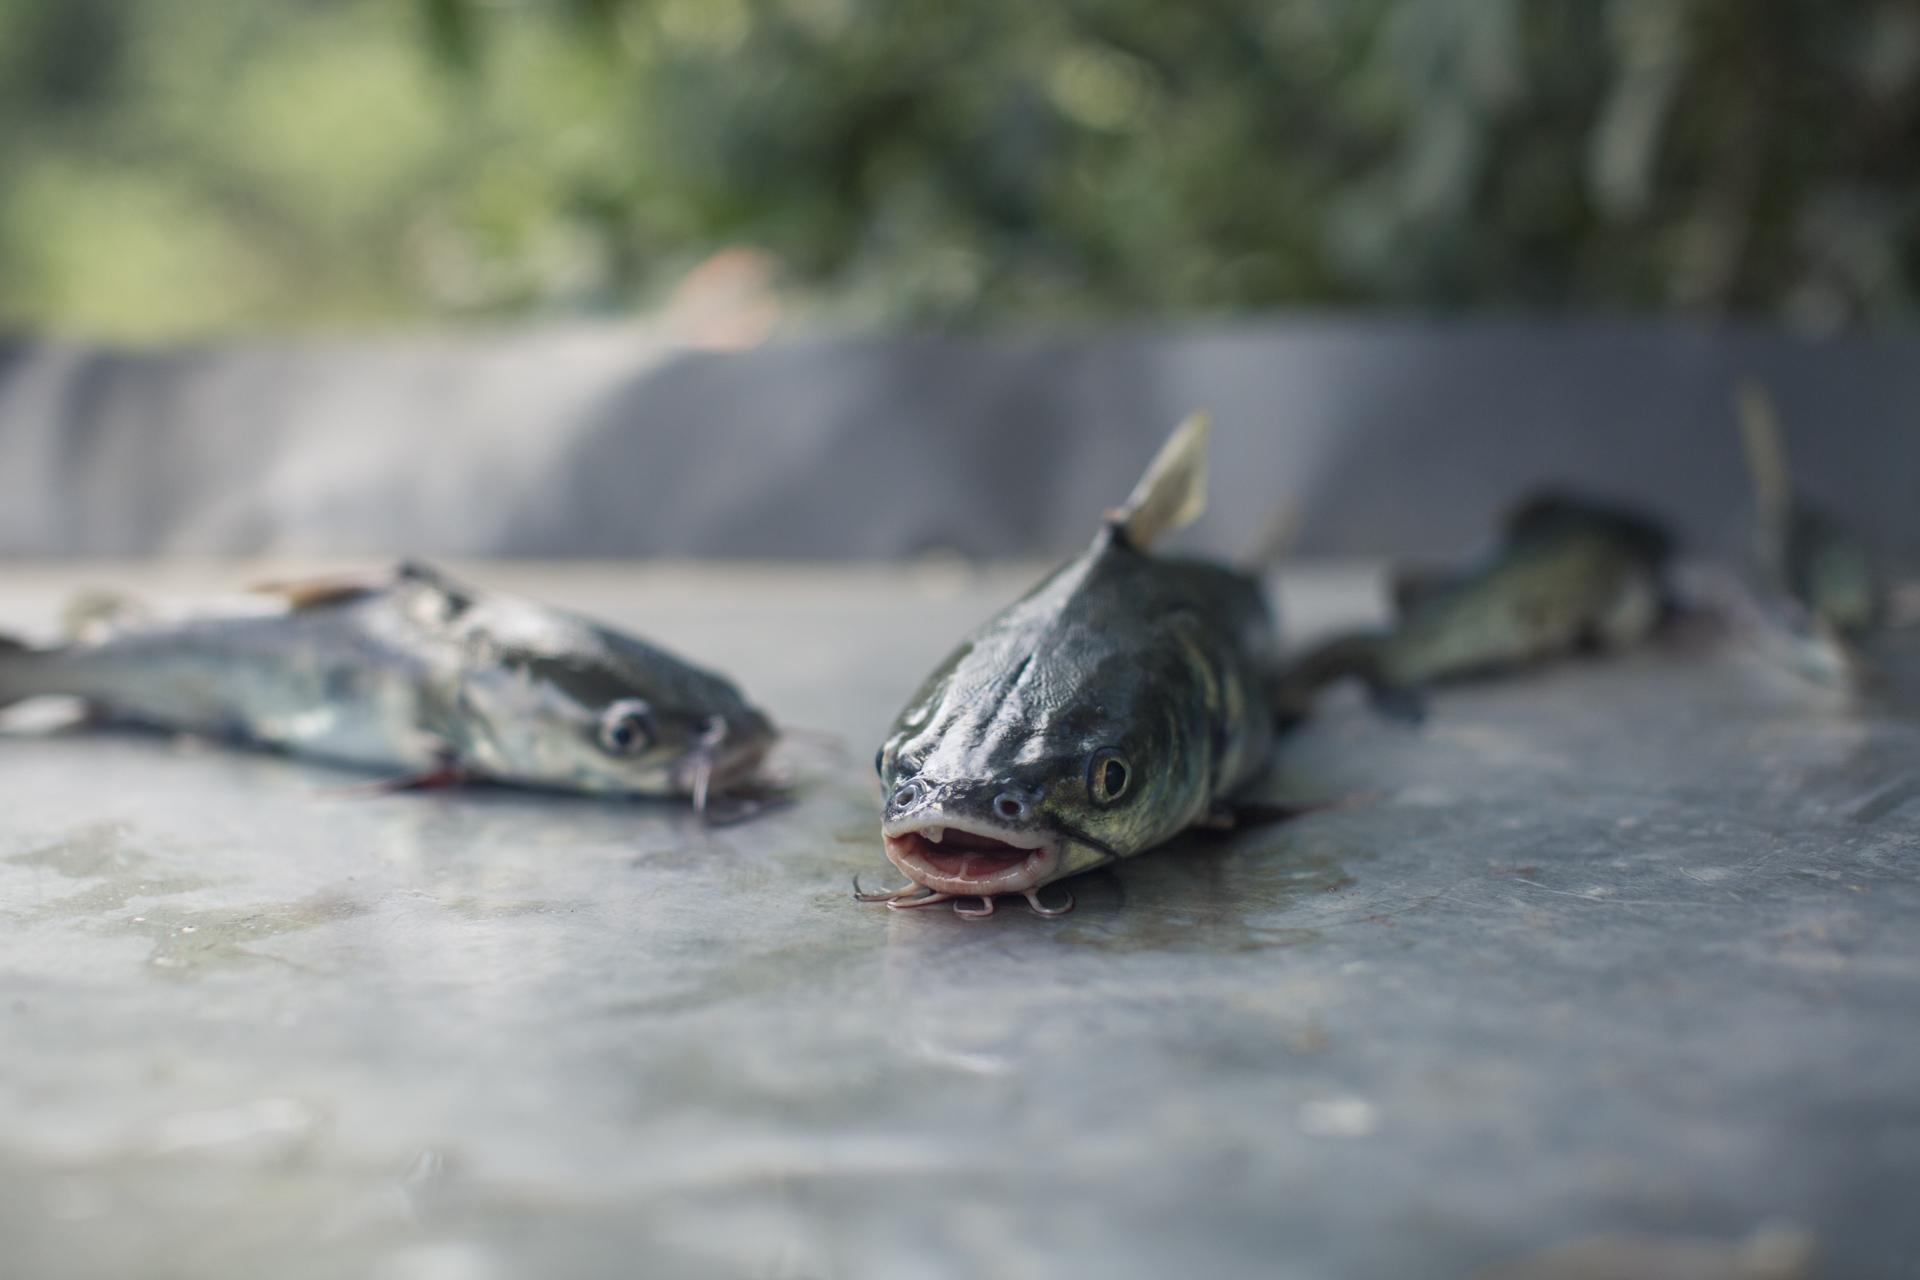 La pesca ilegal es una de las mayores causas por el agotamiento de especies marinas, dañando a ecosistemas marinos y costeros.